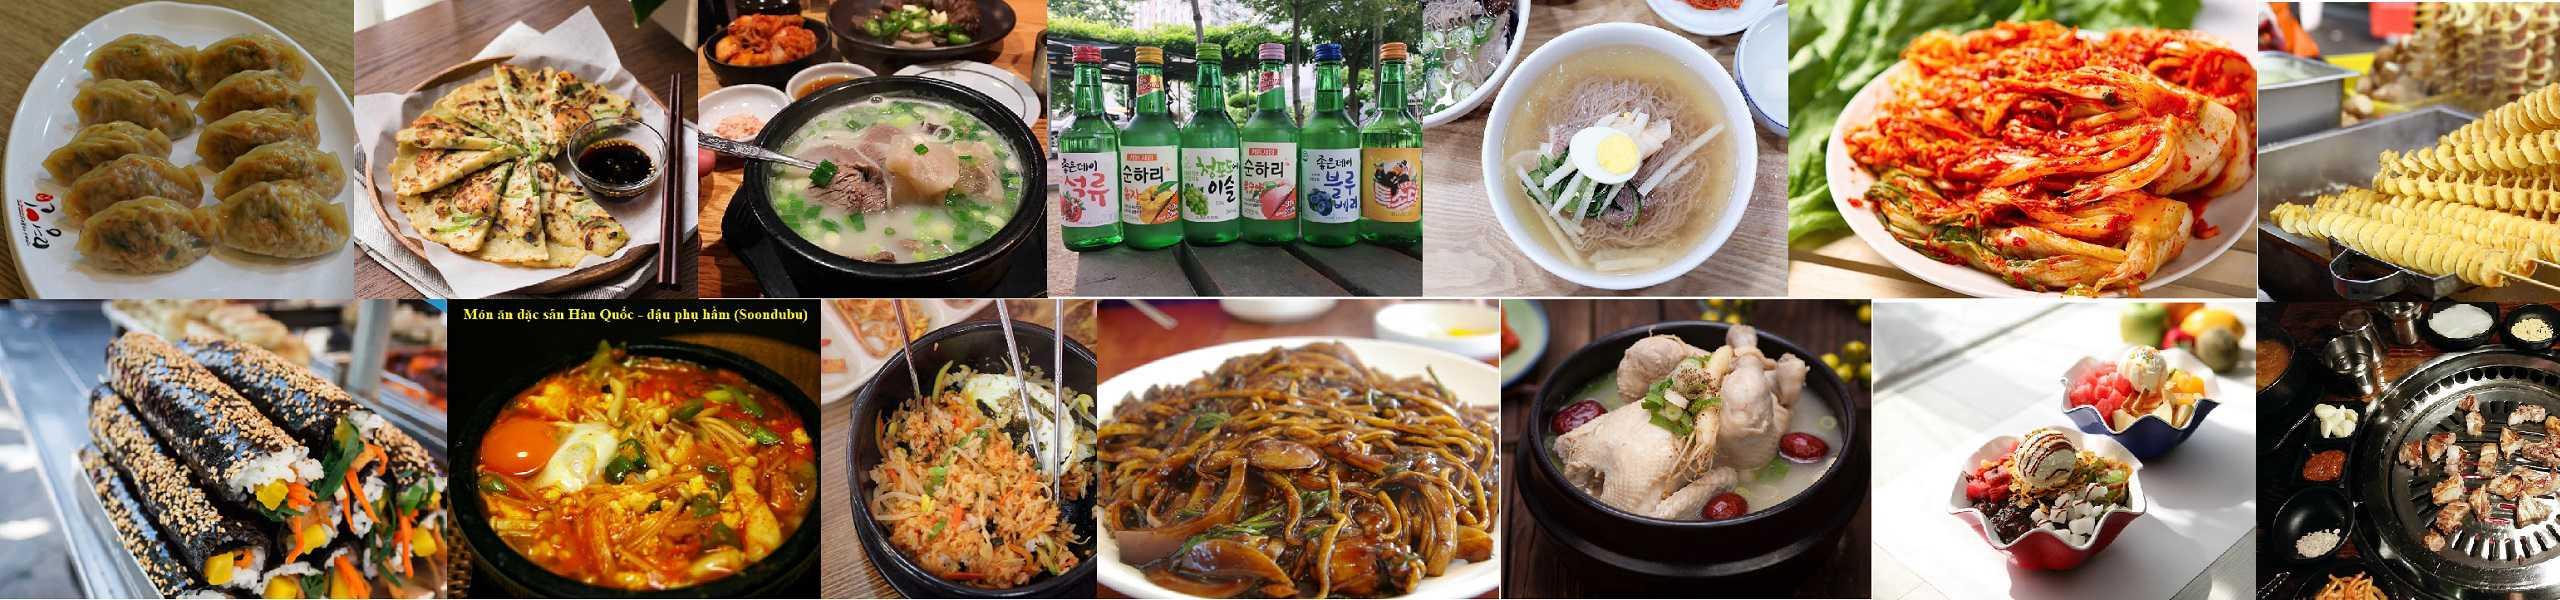 Tổng hợp 20 món ăn đặc sản Hàn Quốc. Du lịch Hàn Quốc nên ăn gì?